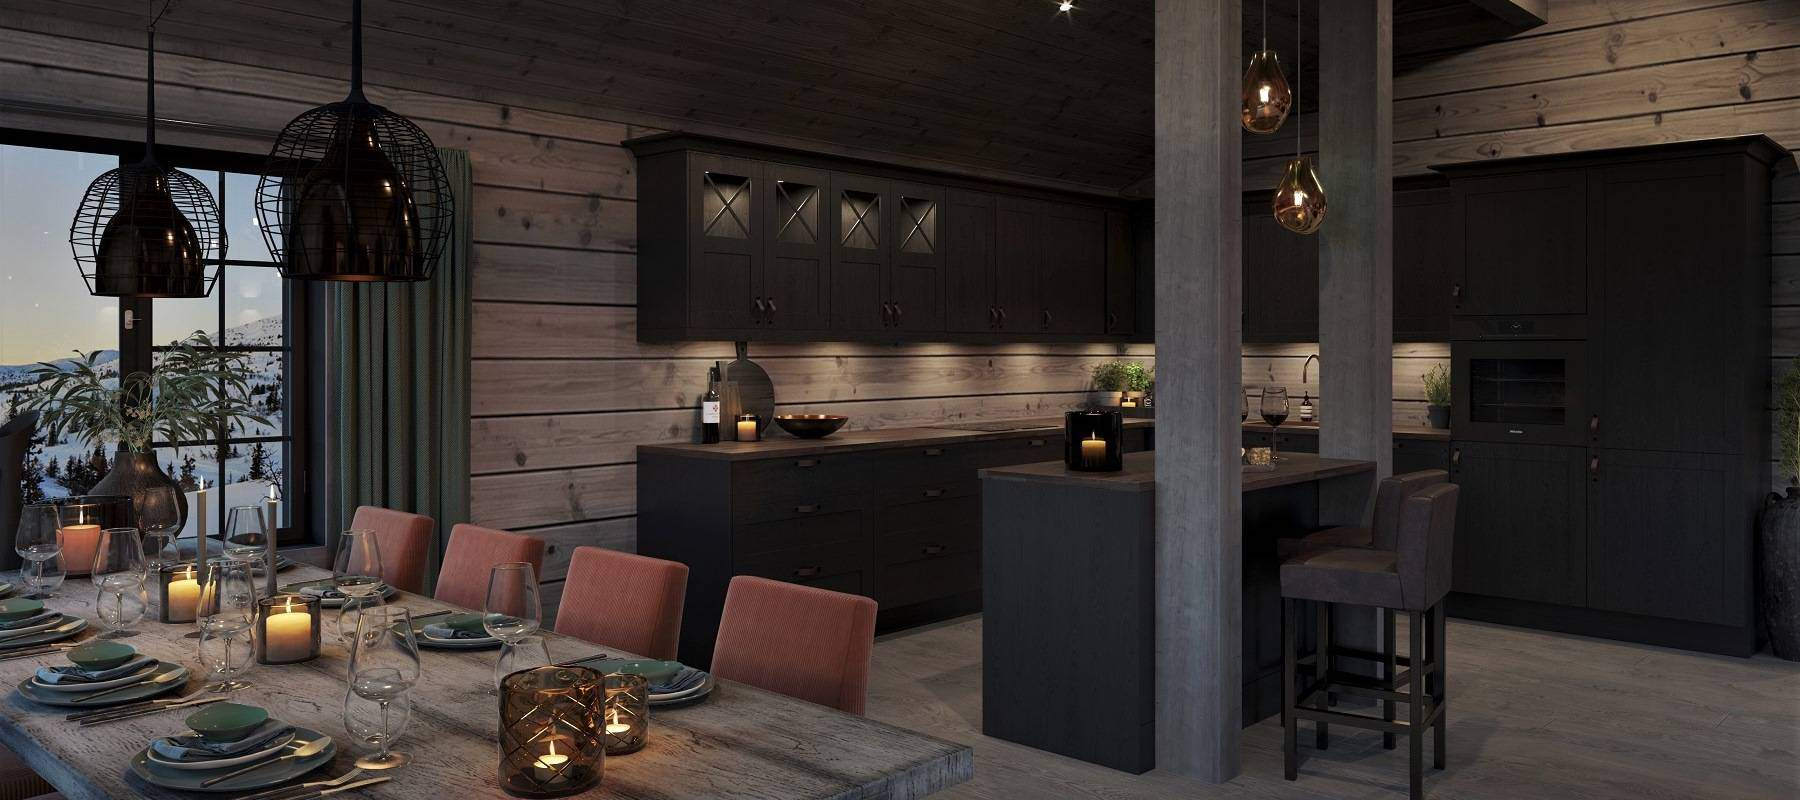 17 Hytte Geilo 155. Sosialt og hyggelig rundt spisbordet og kjøkkenbenken.